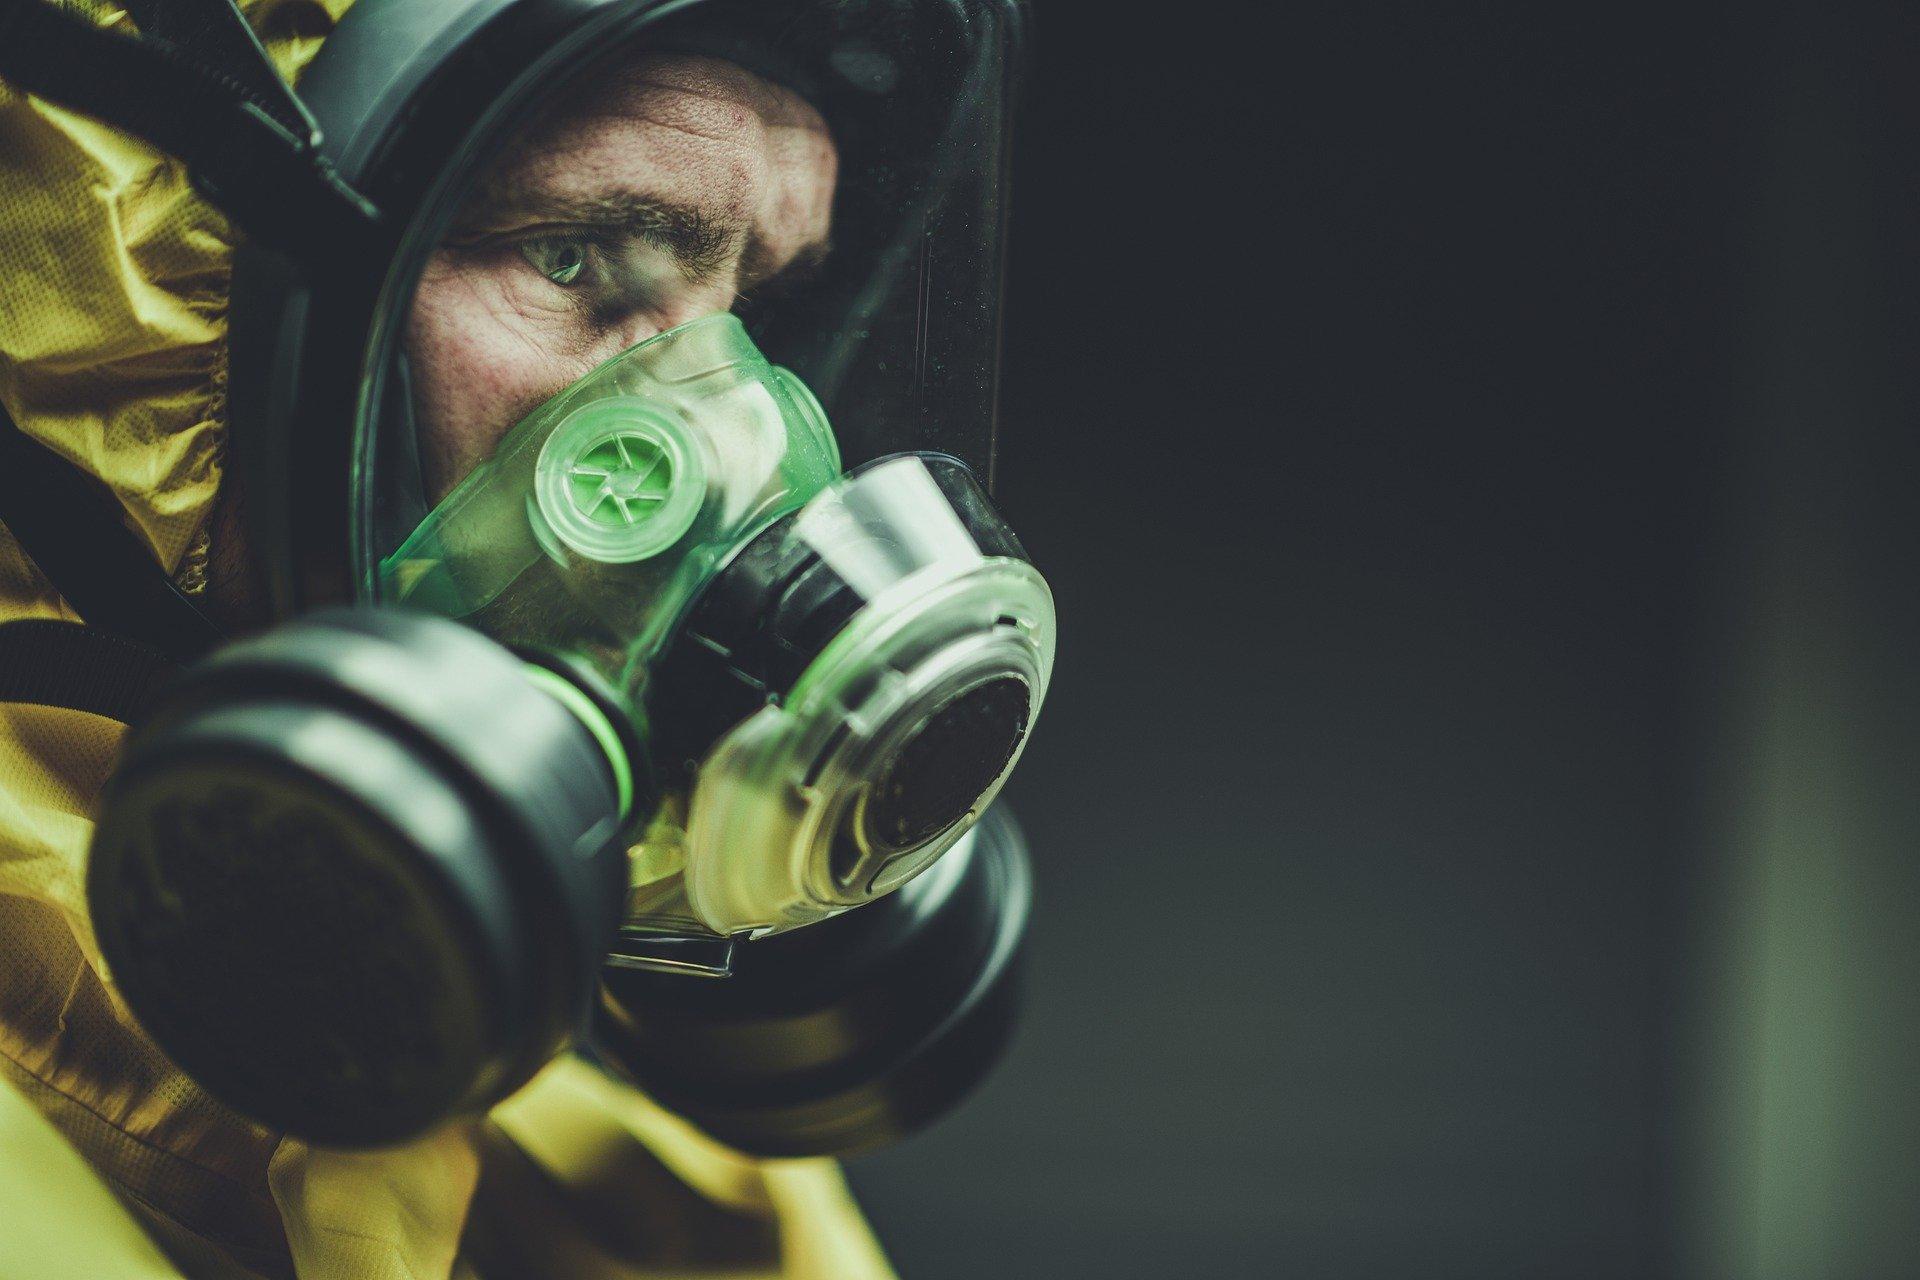 Tratamiento de desinfección con ozono